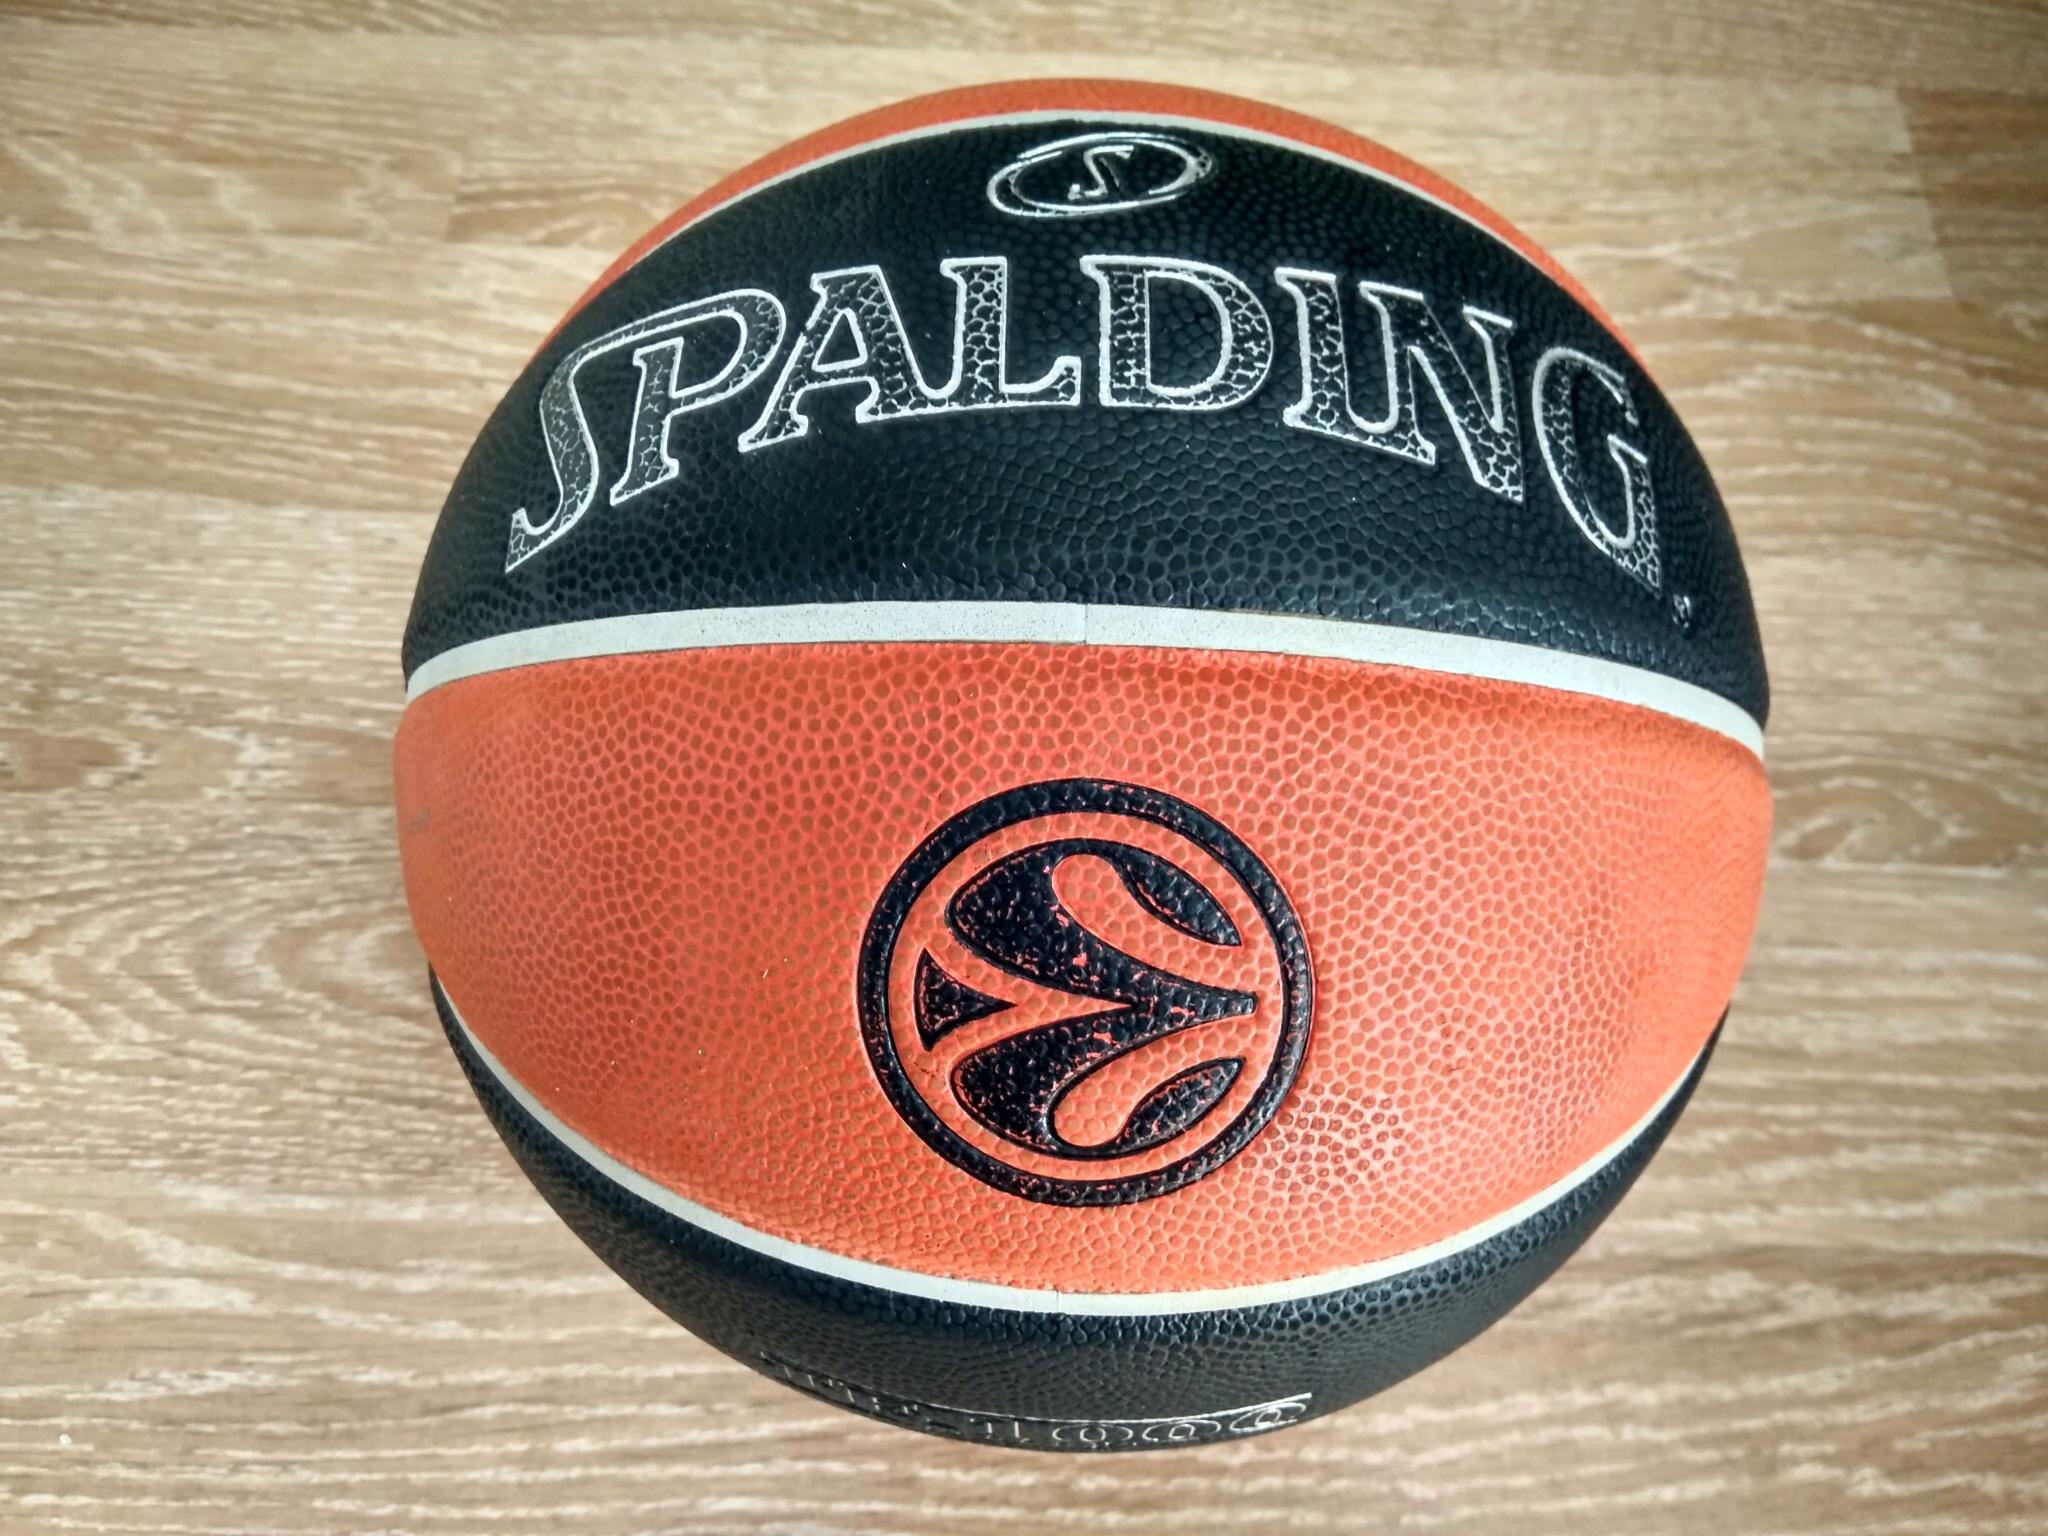 55423e05 Обзор на Мяч баскетбольный Spalding TF-1000 Legacy Euroleague Offical Ball  - изображение 1